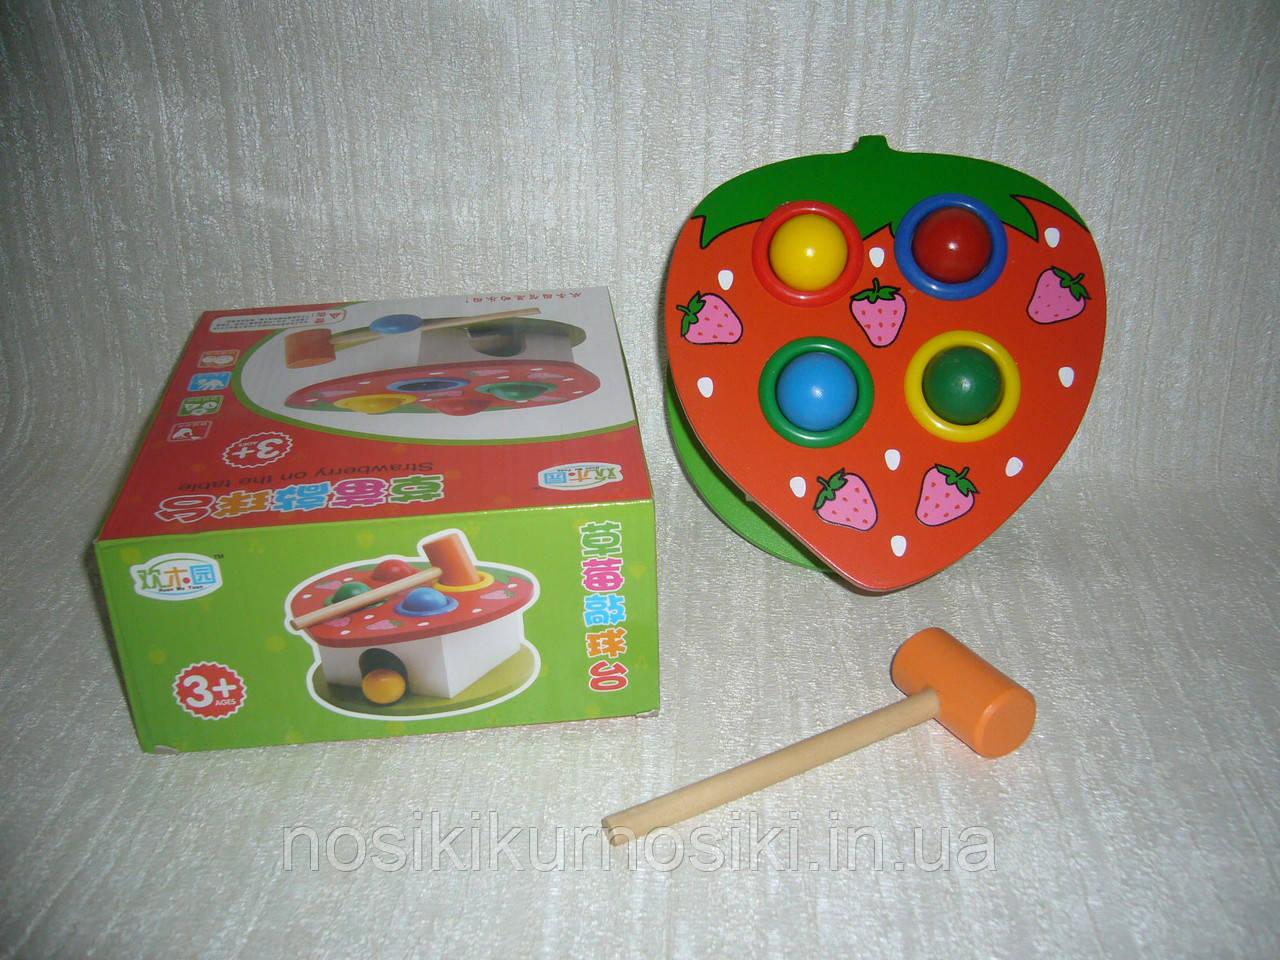 Деревянные игрушки стучалка забей шарик Клубника